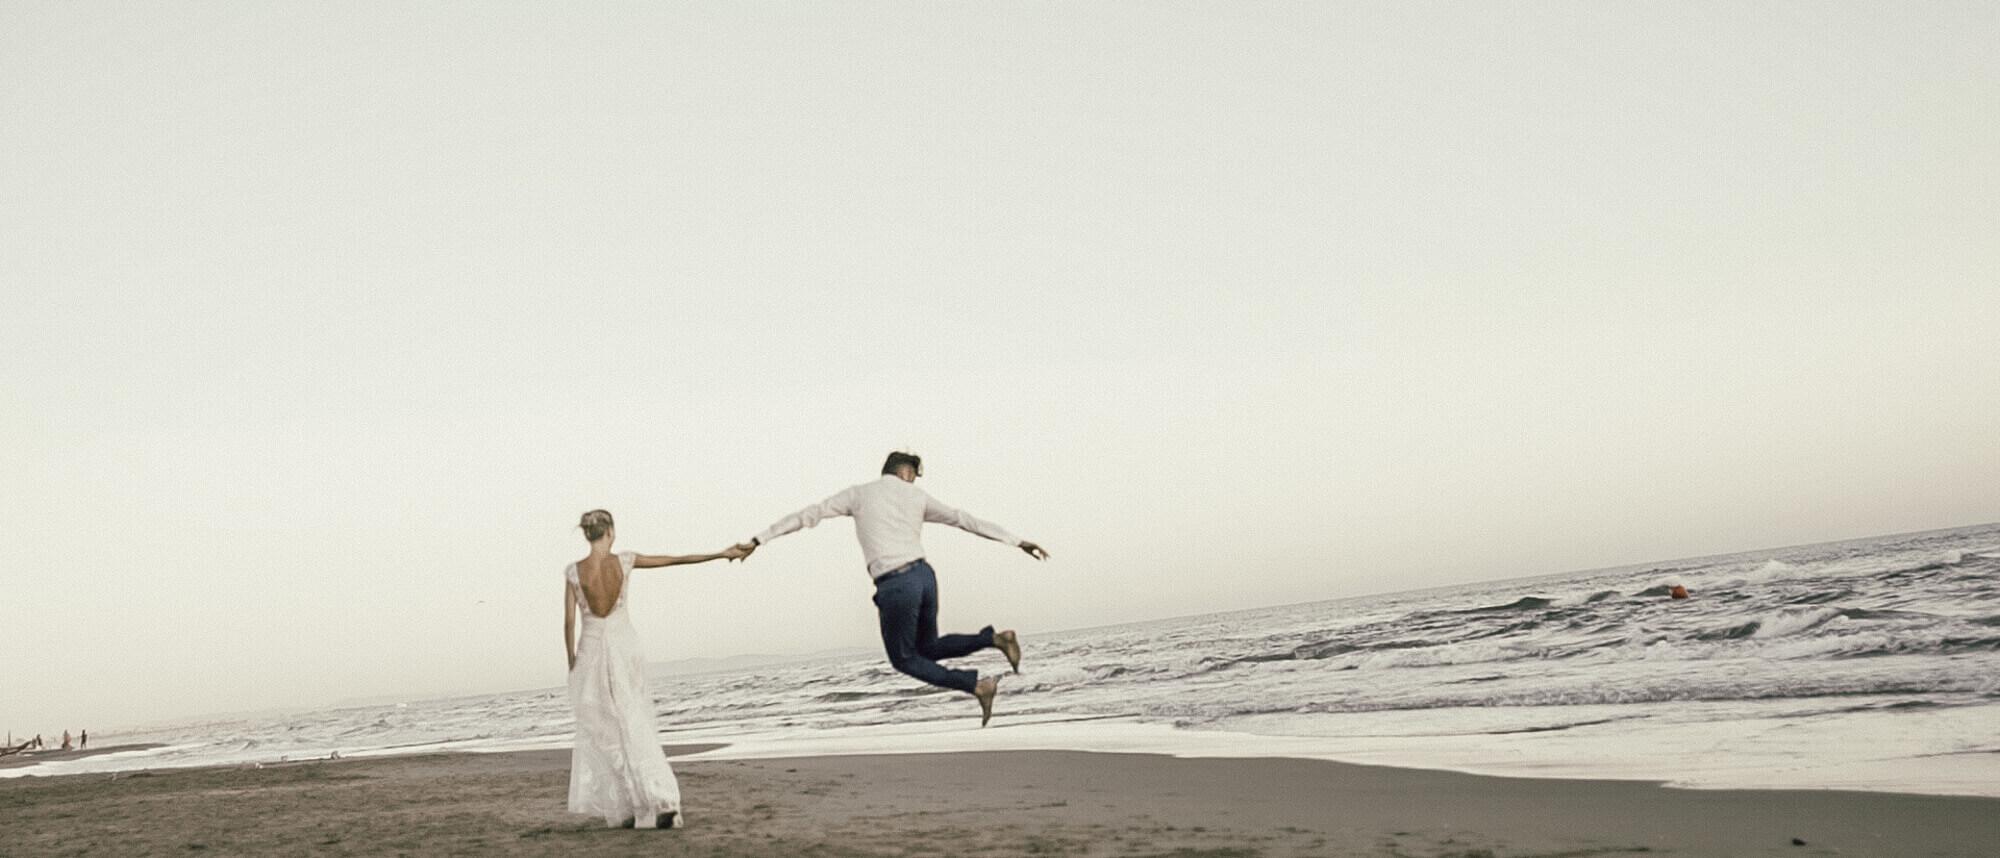 Matrimonio In Spiaggia Forte Dei Marmi : Un matrimonio sulla spiaggia a forte dei marmi monica e philippe